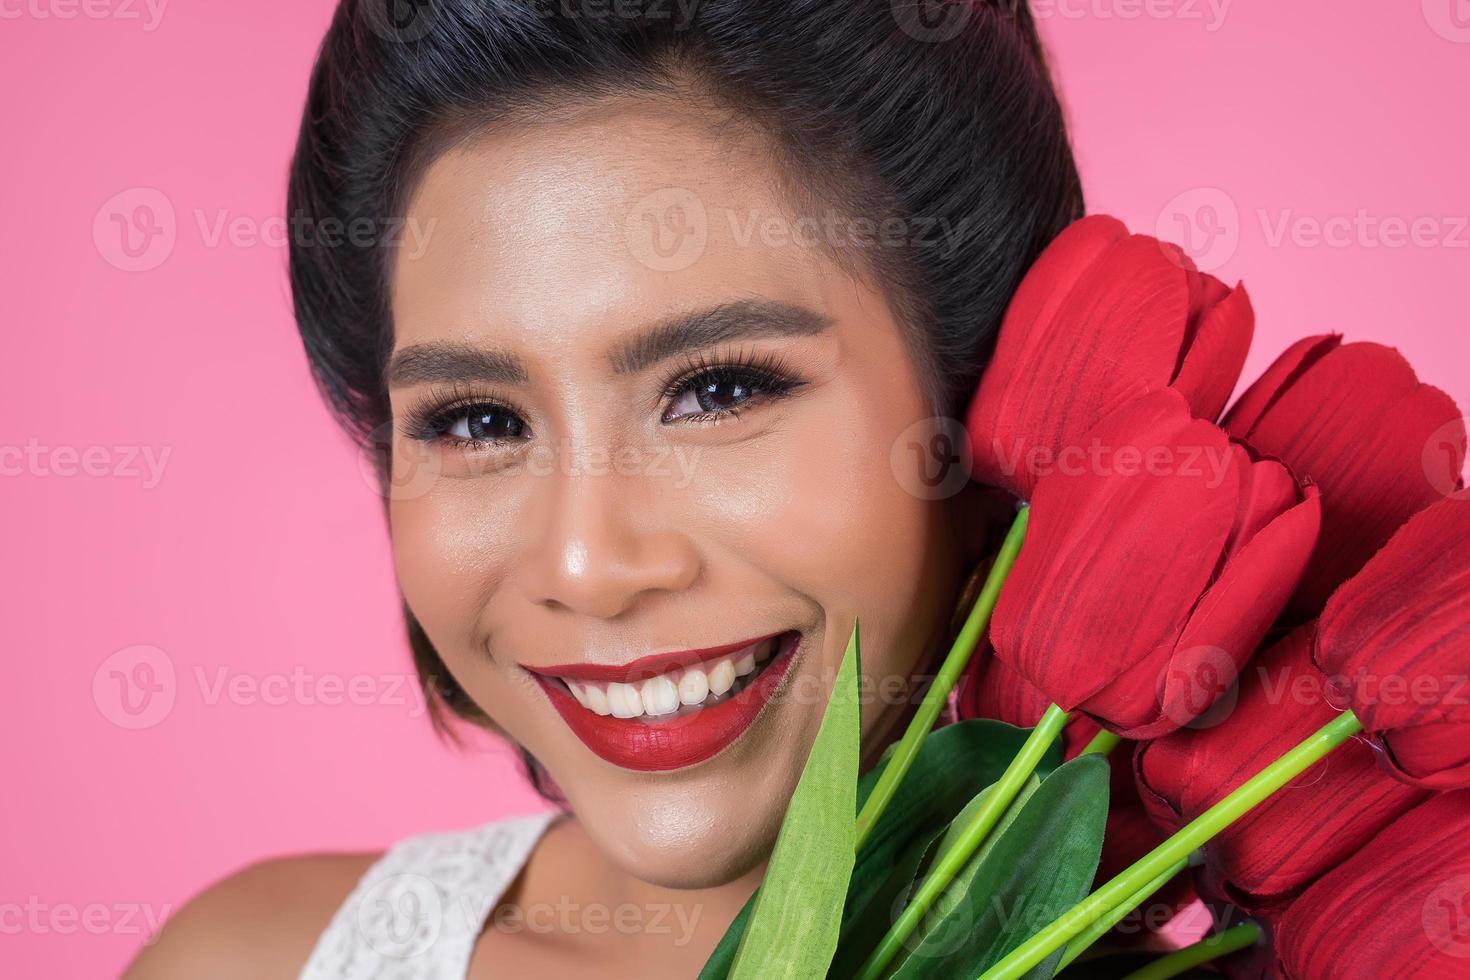 portret van een mooie vrouw met een boeket van rode tulp bloemen foto